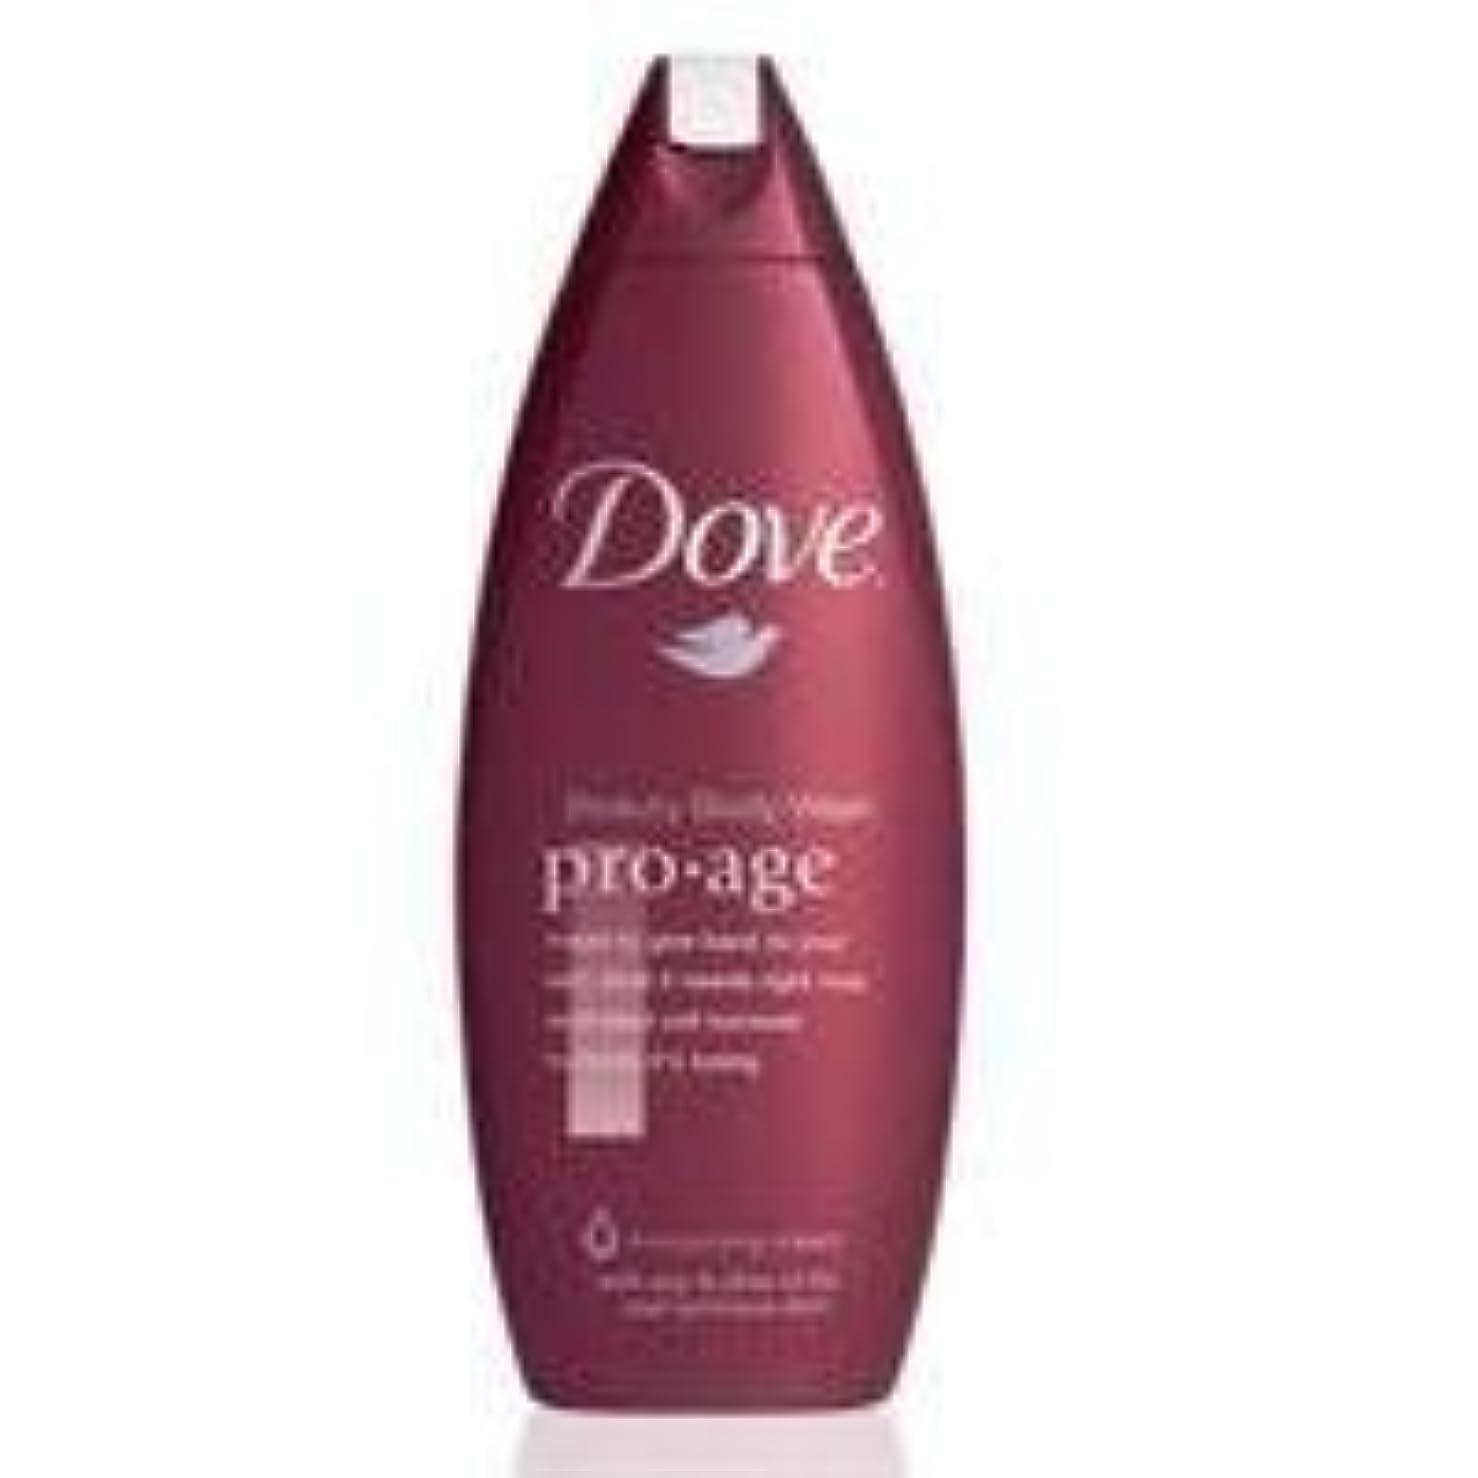 バーハーブ感度Dove Pro-Age Beauty Care Body Wash by Dove [並行輸入品]